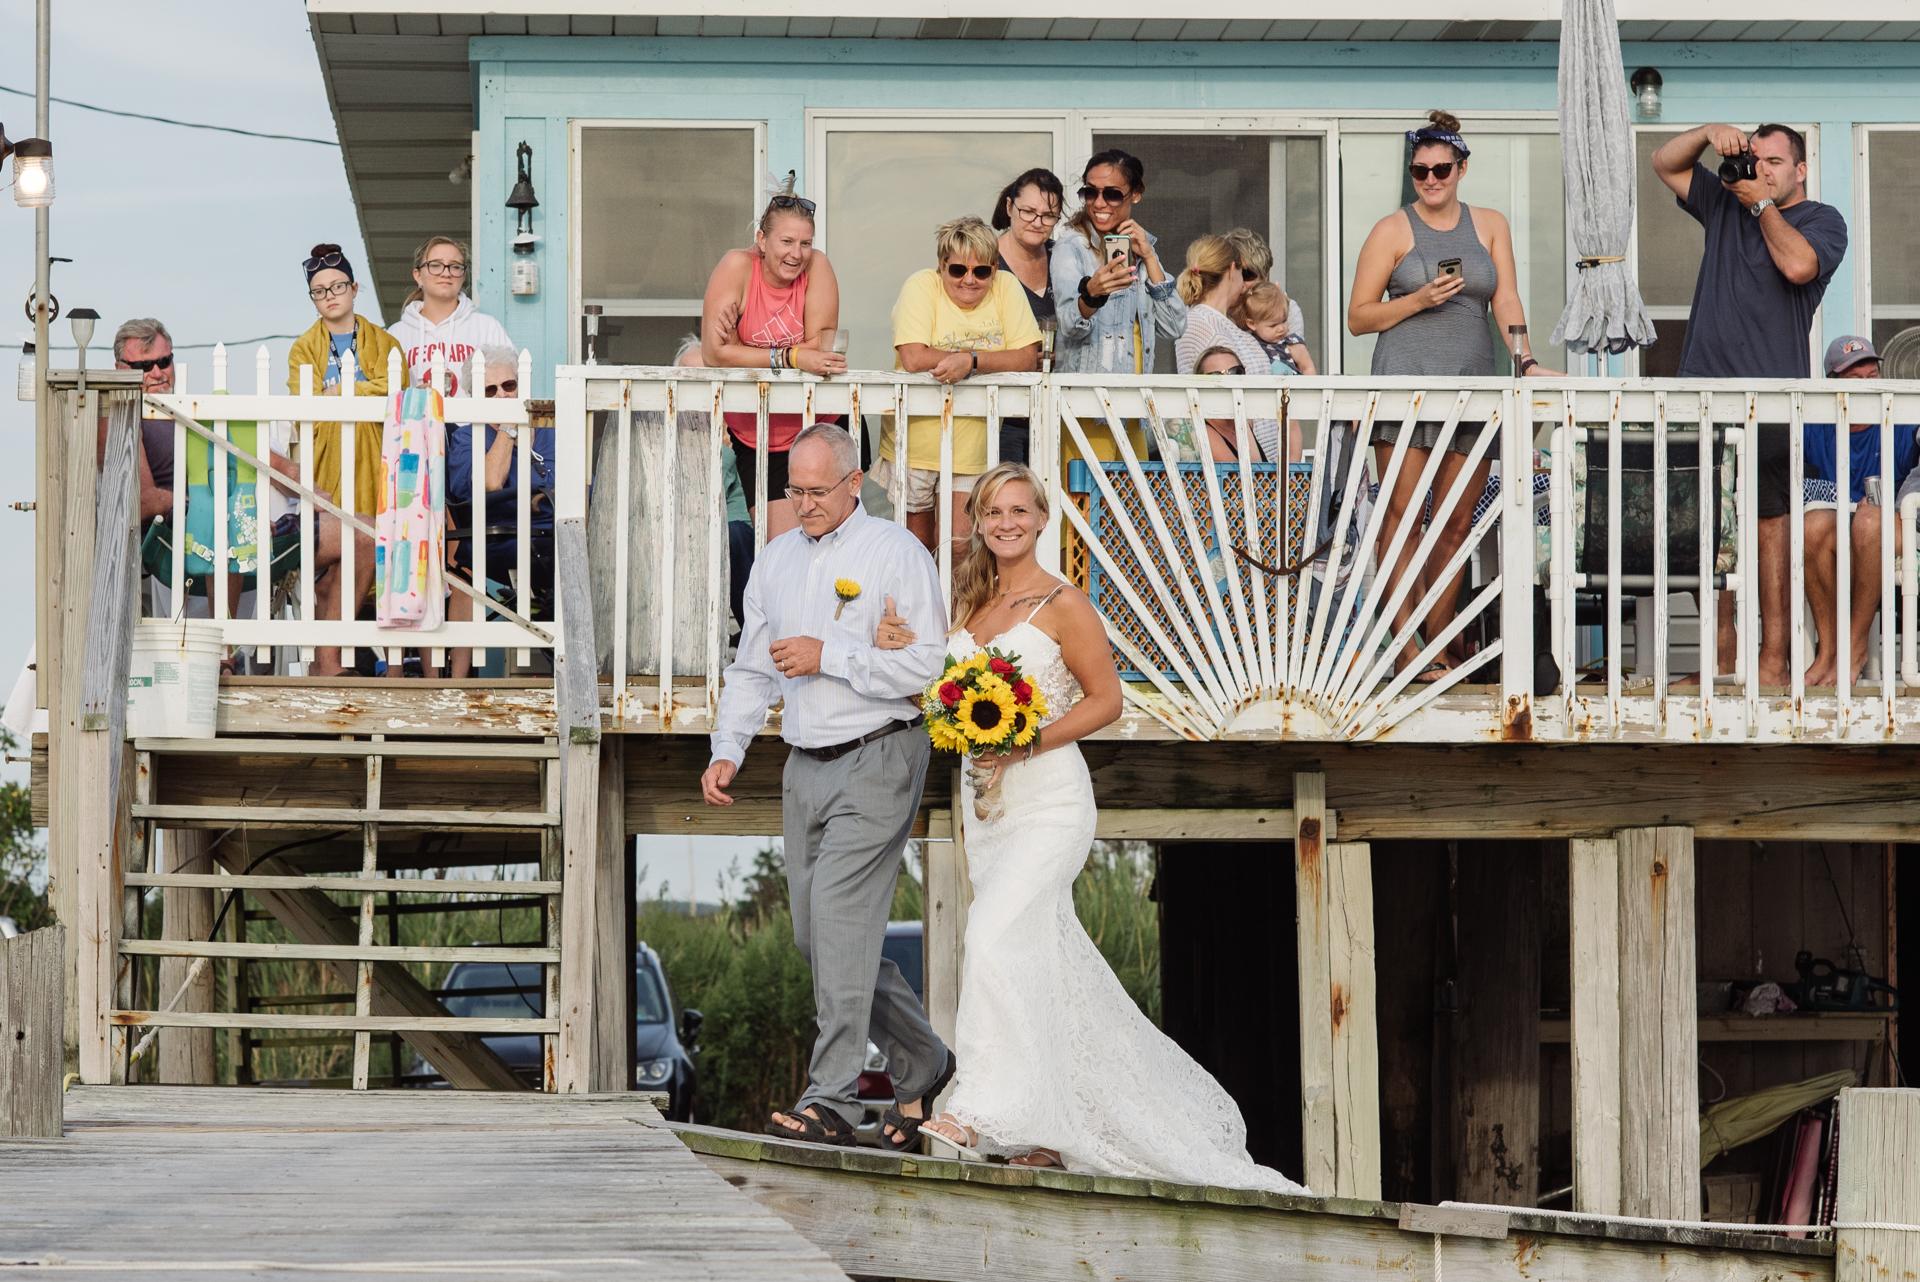 Sea Breeze, New Jersey Outdoor Elopement Fotos | Der Vater der Braut führt seine Tochter an erweiterten Familienmitgliedern vorbei und auf das Dock, auf dem die Hochzeitszeremonie stattfand